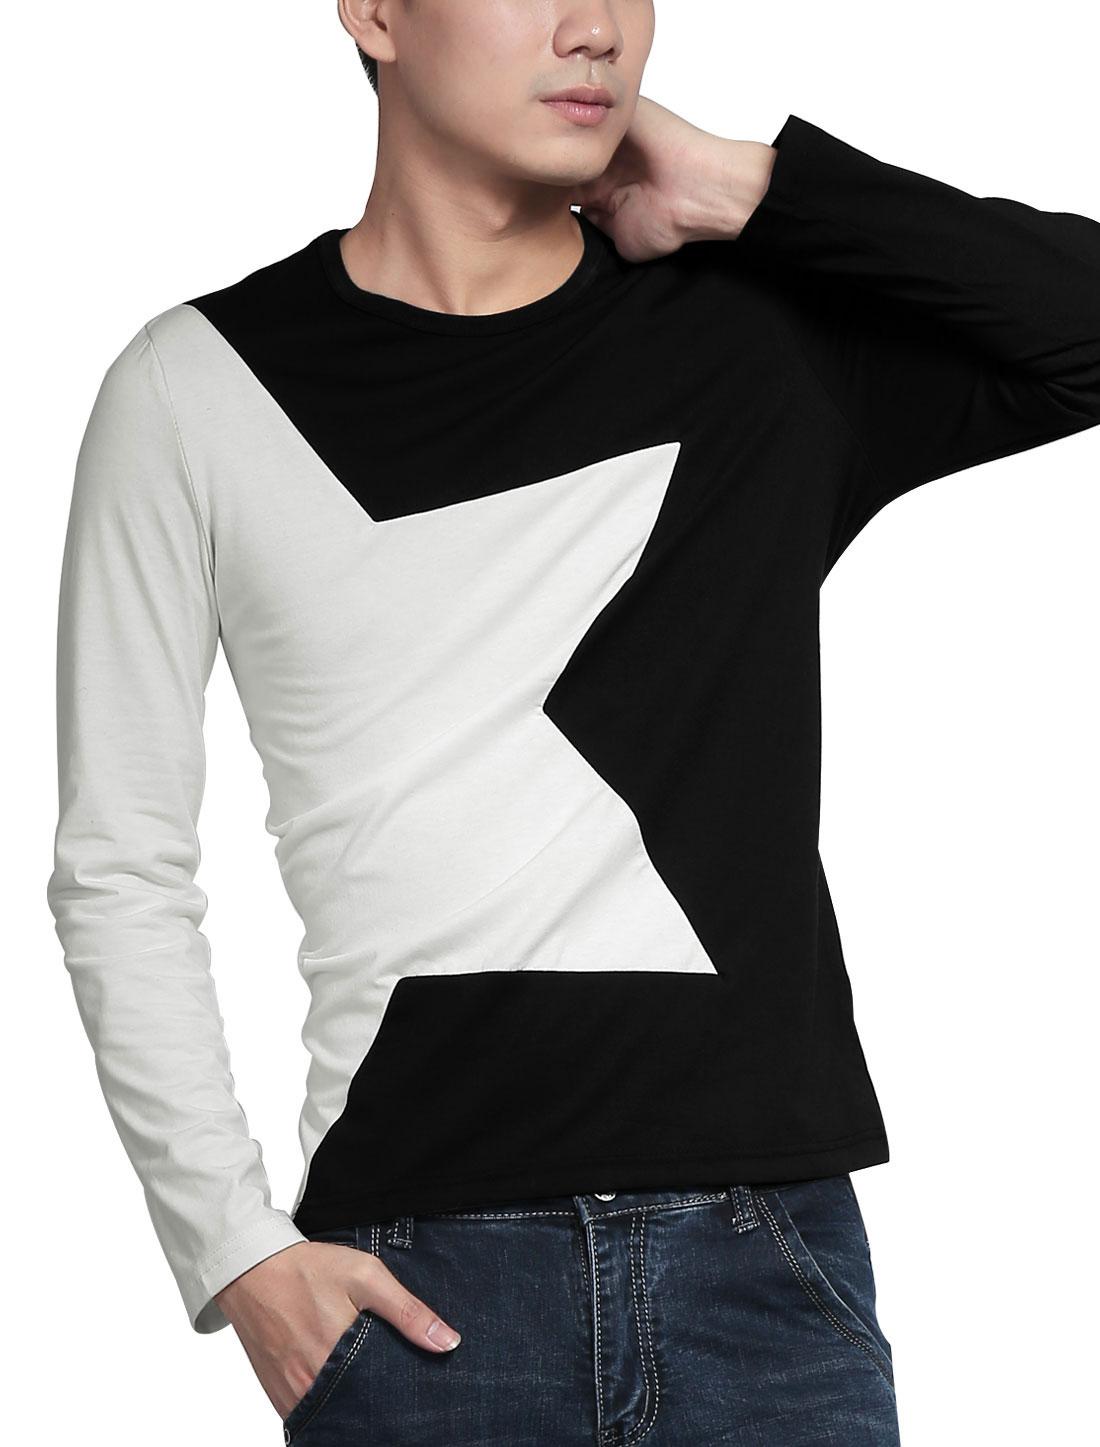 Men Autumn Fashion Long Sleeve Contrast Color Shirt Black White M